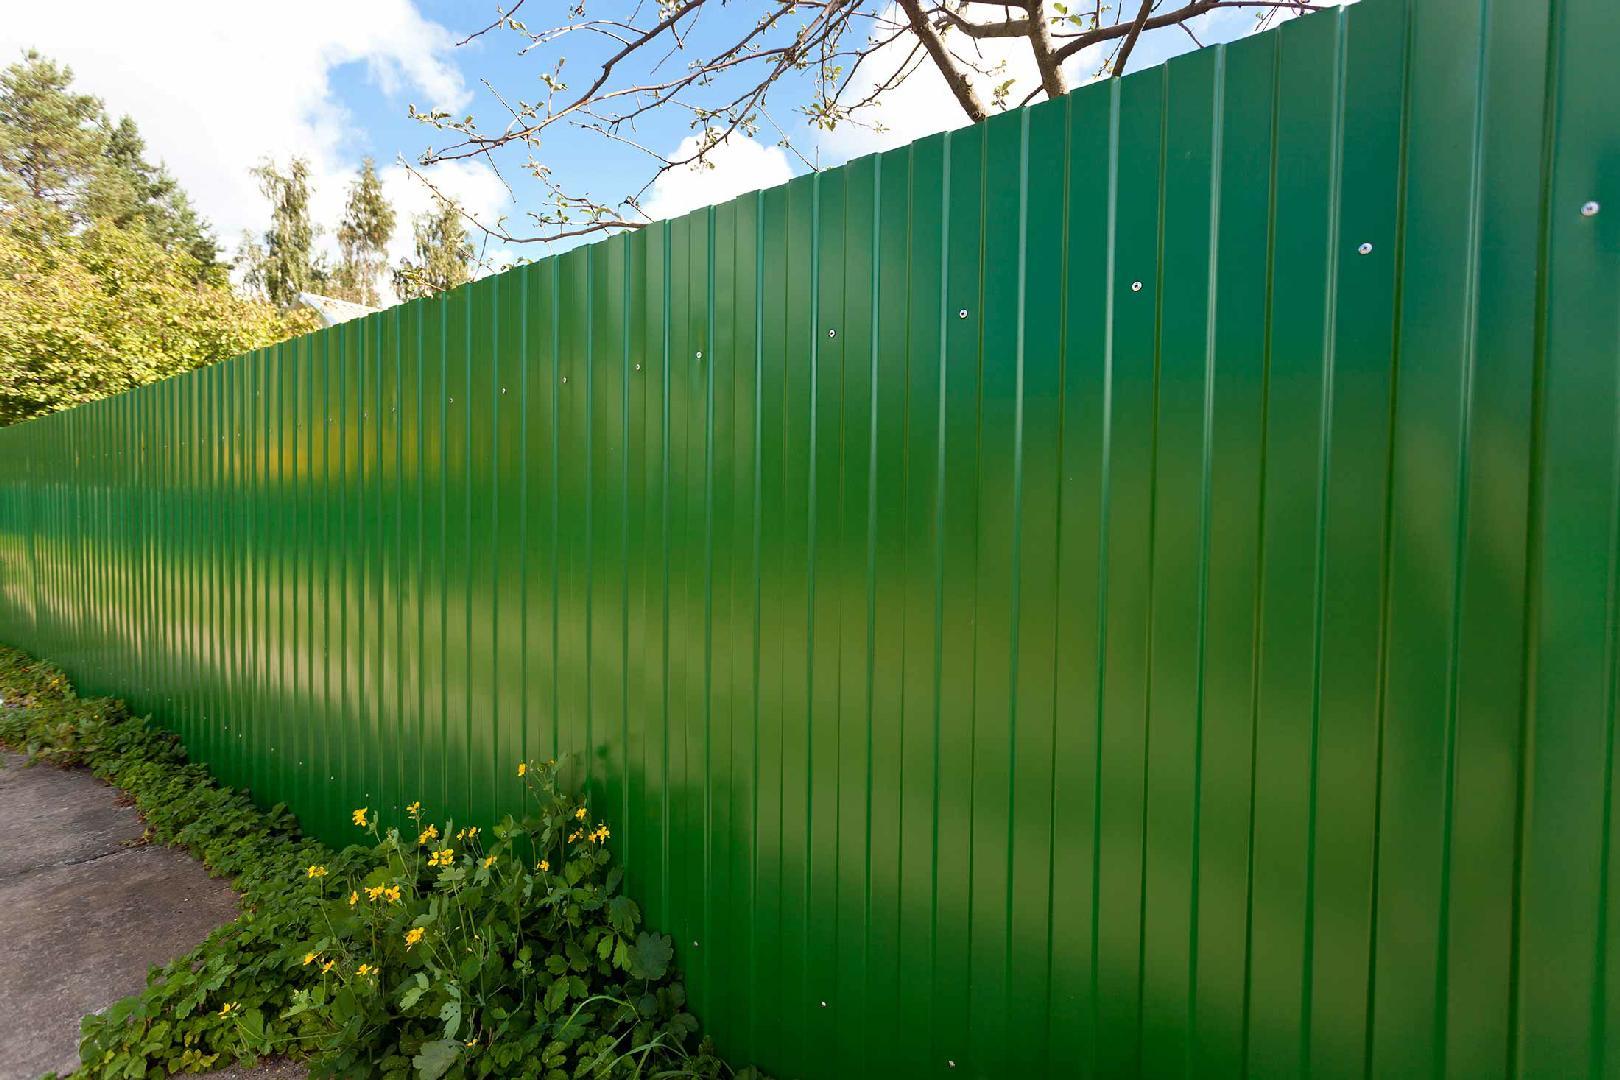 видно фото забор из профнастила фотогалерея г-образной формы